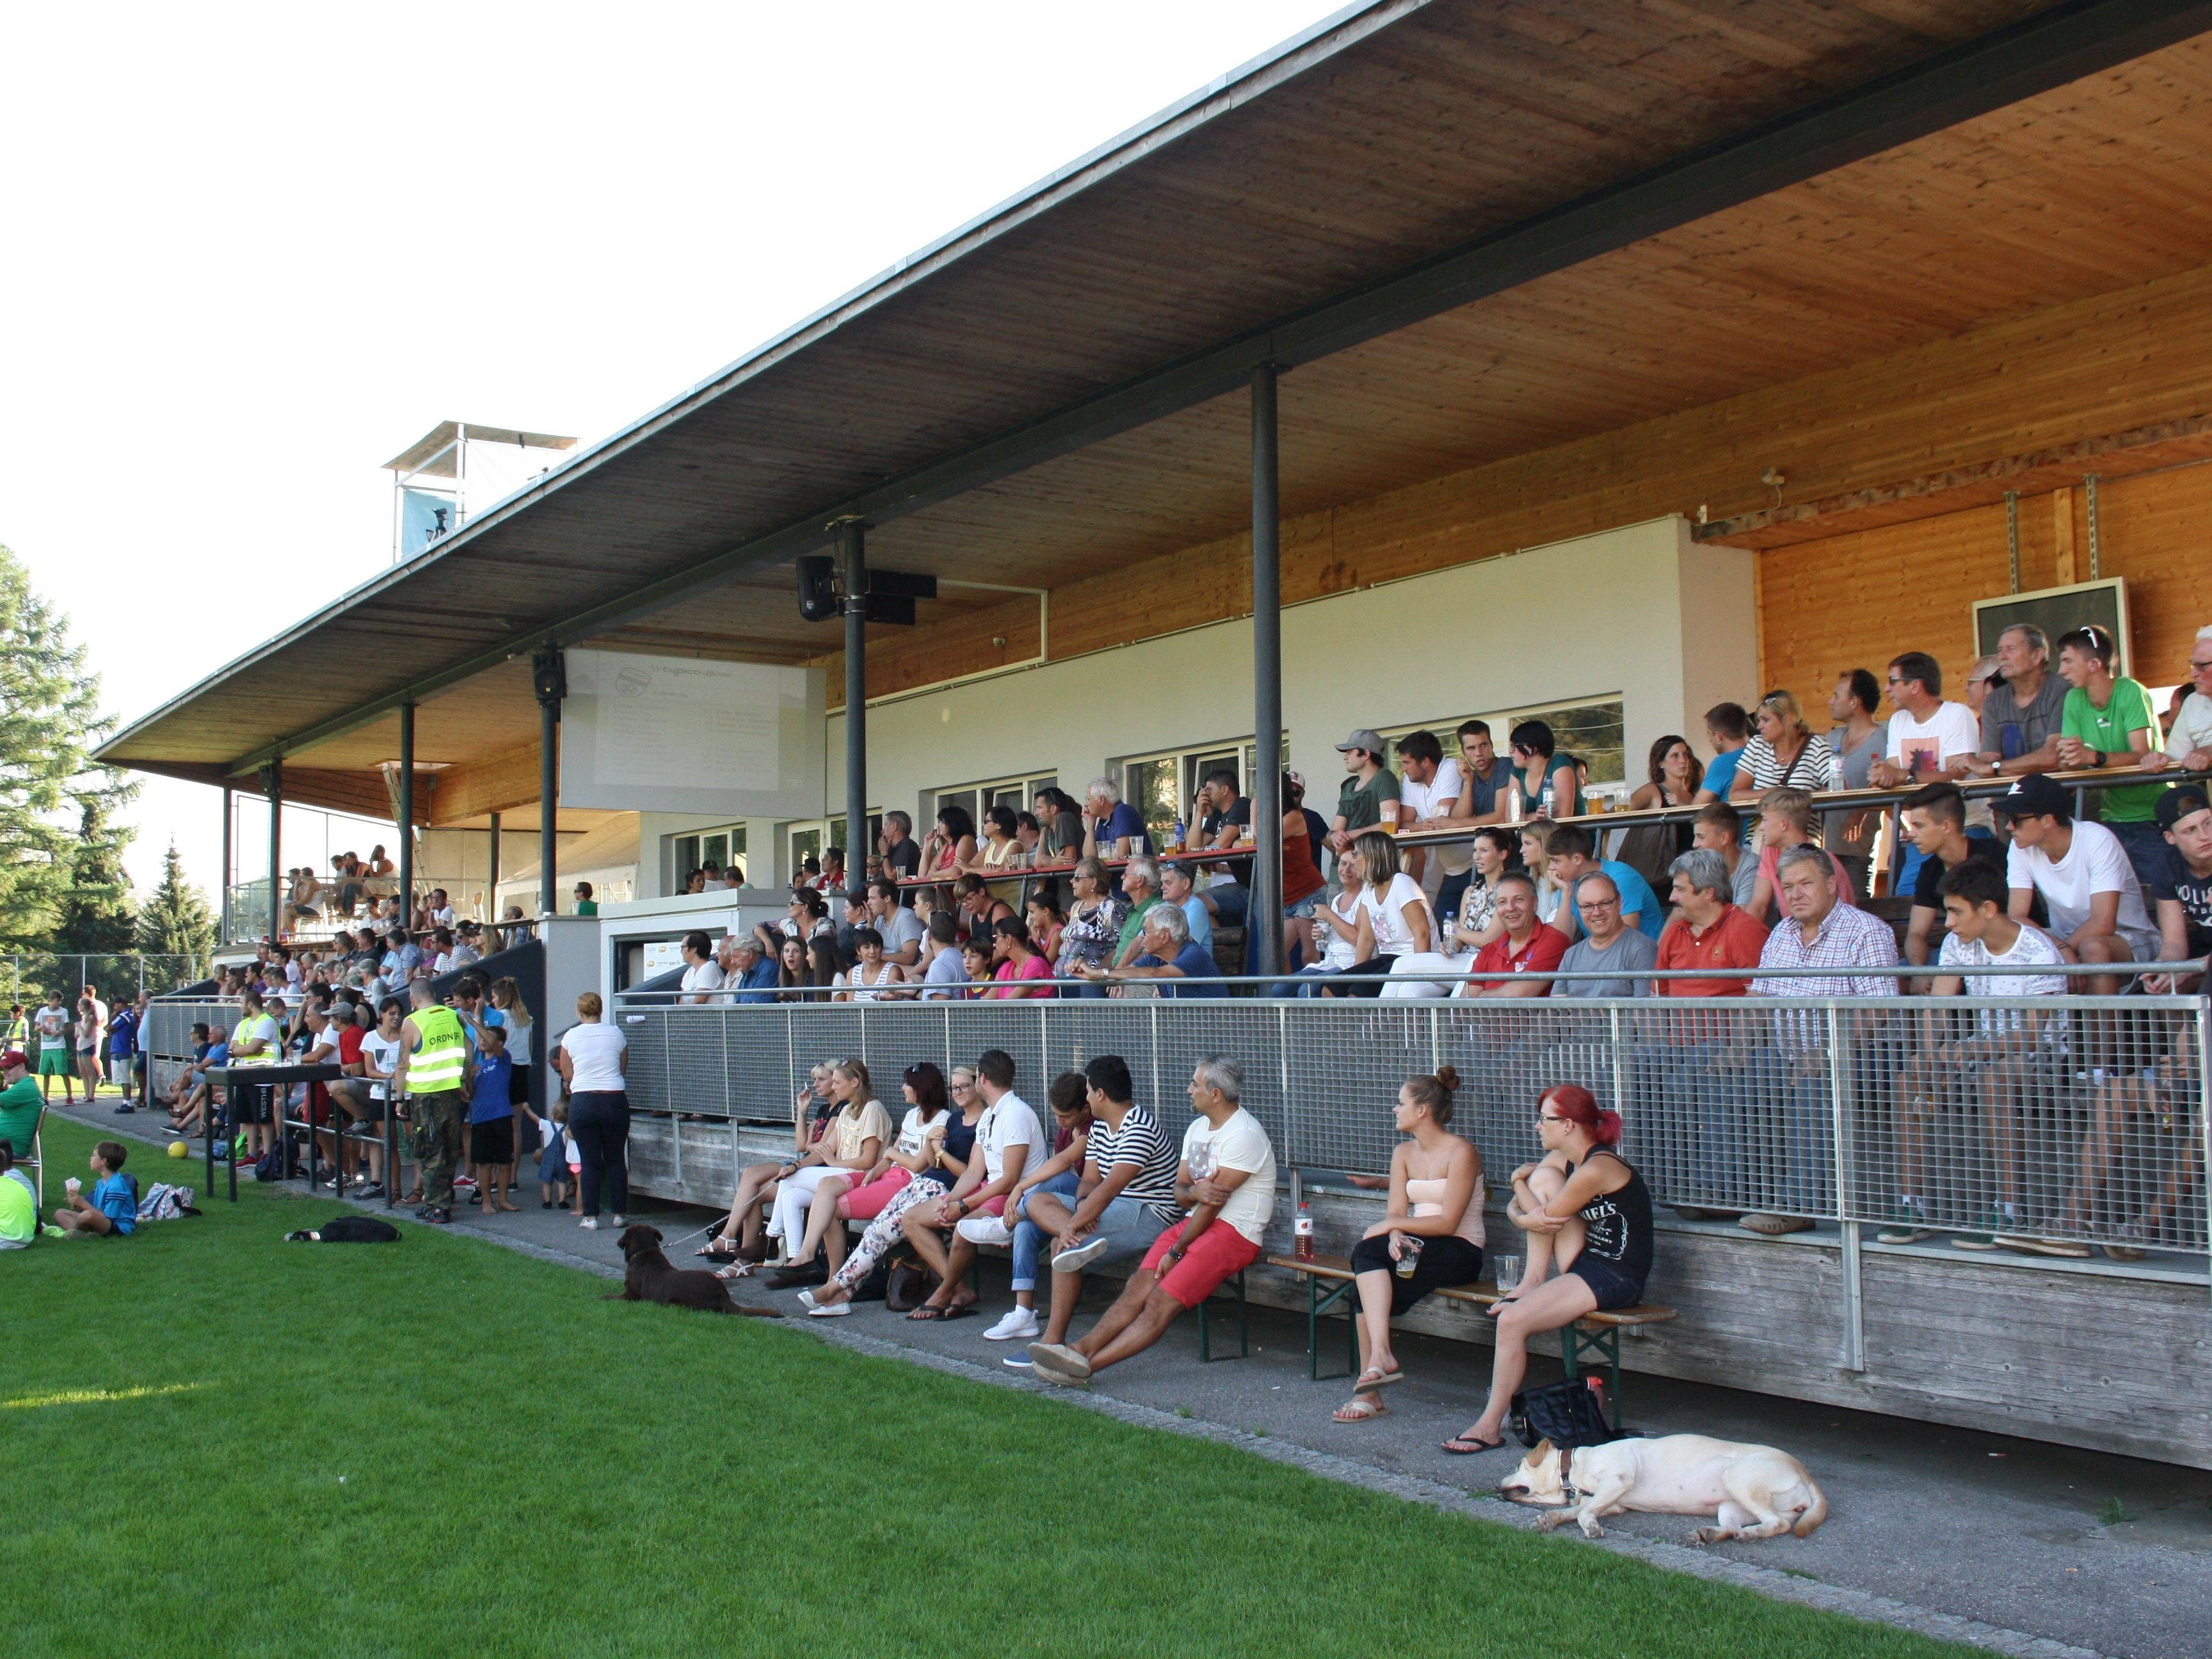 Die Haupttribüne am Hoferfeld wird zum willkommenen Treffpunkt der Lochauer Fußballfans.